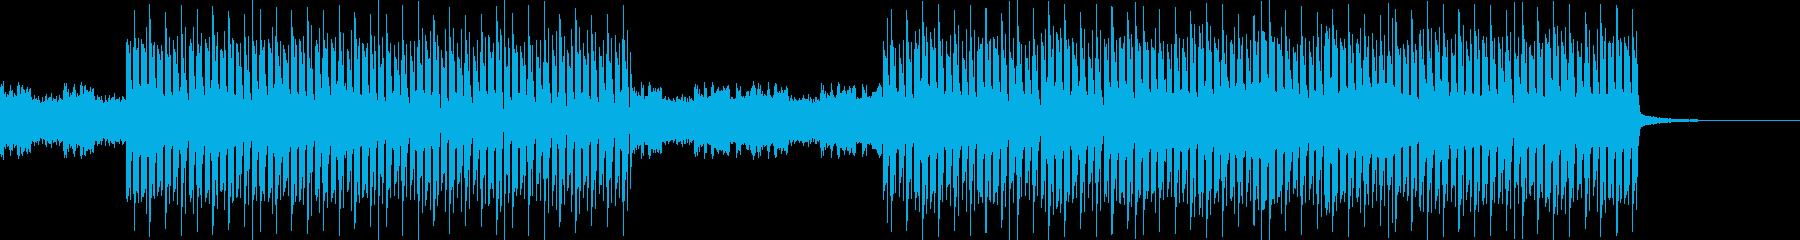 おしゃれ・クール・EDM・ハウス6の再生済みの波形